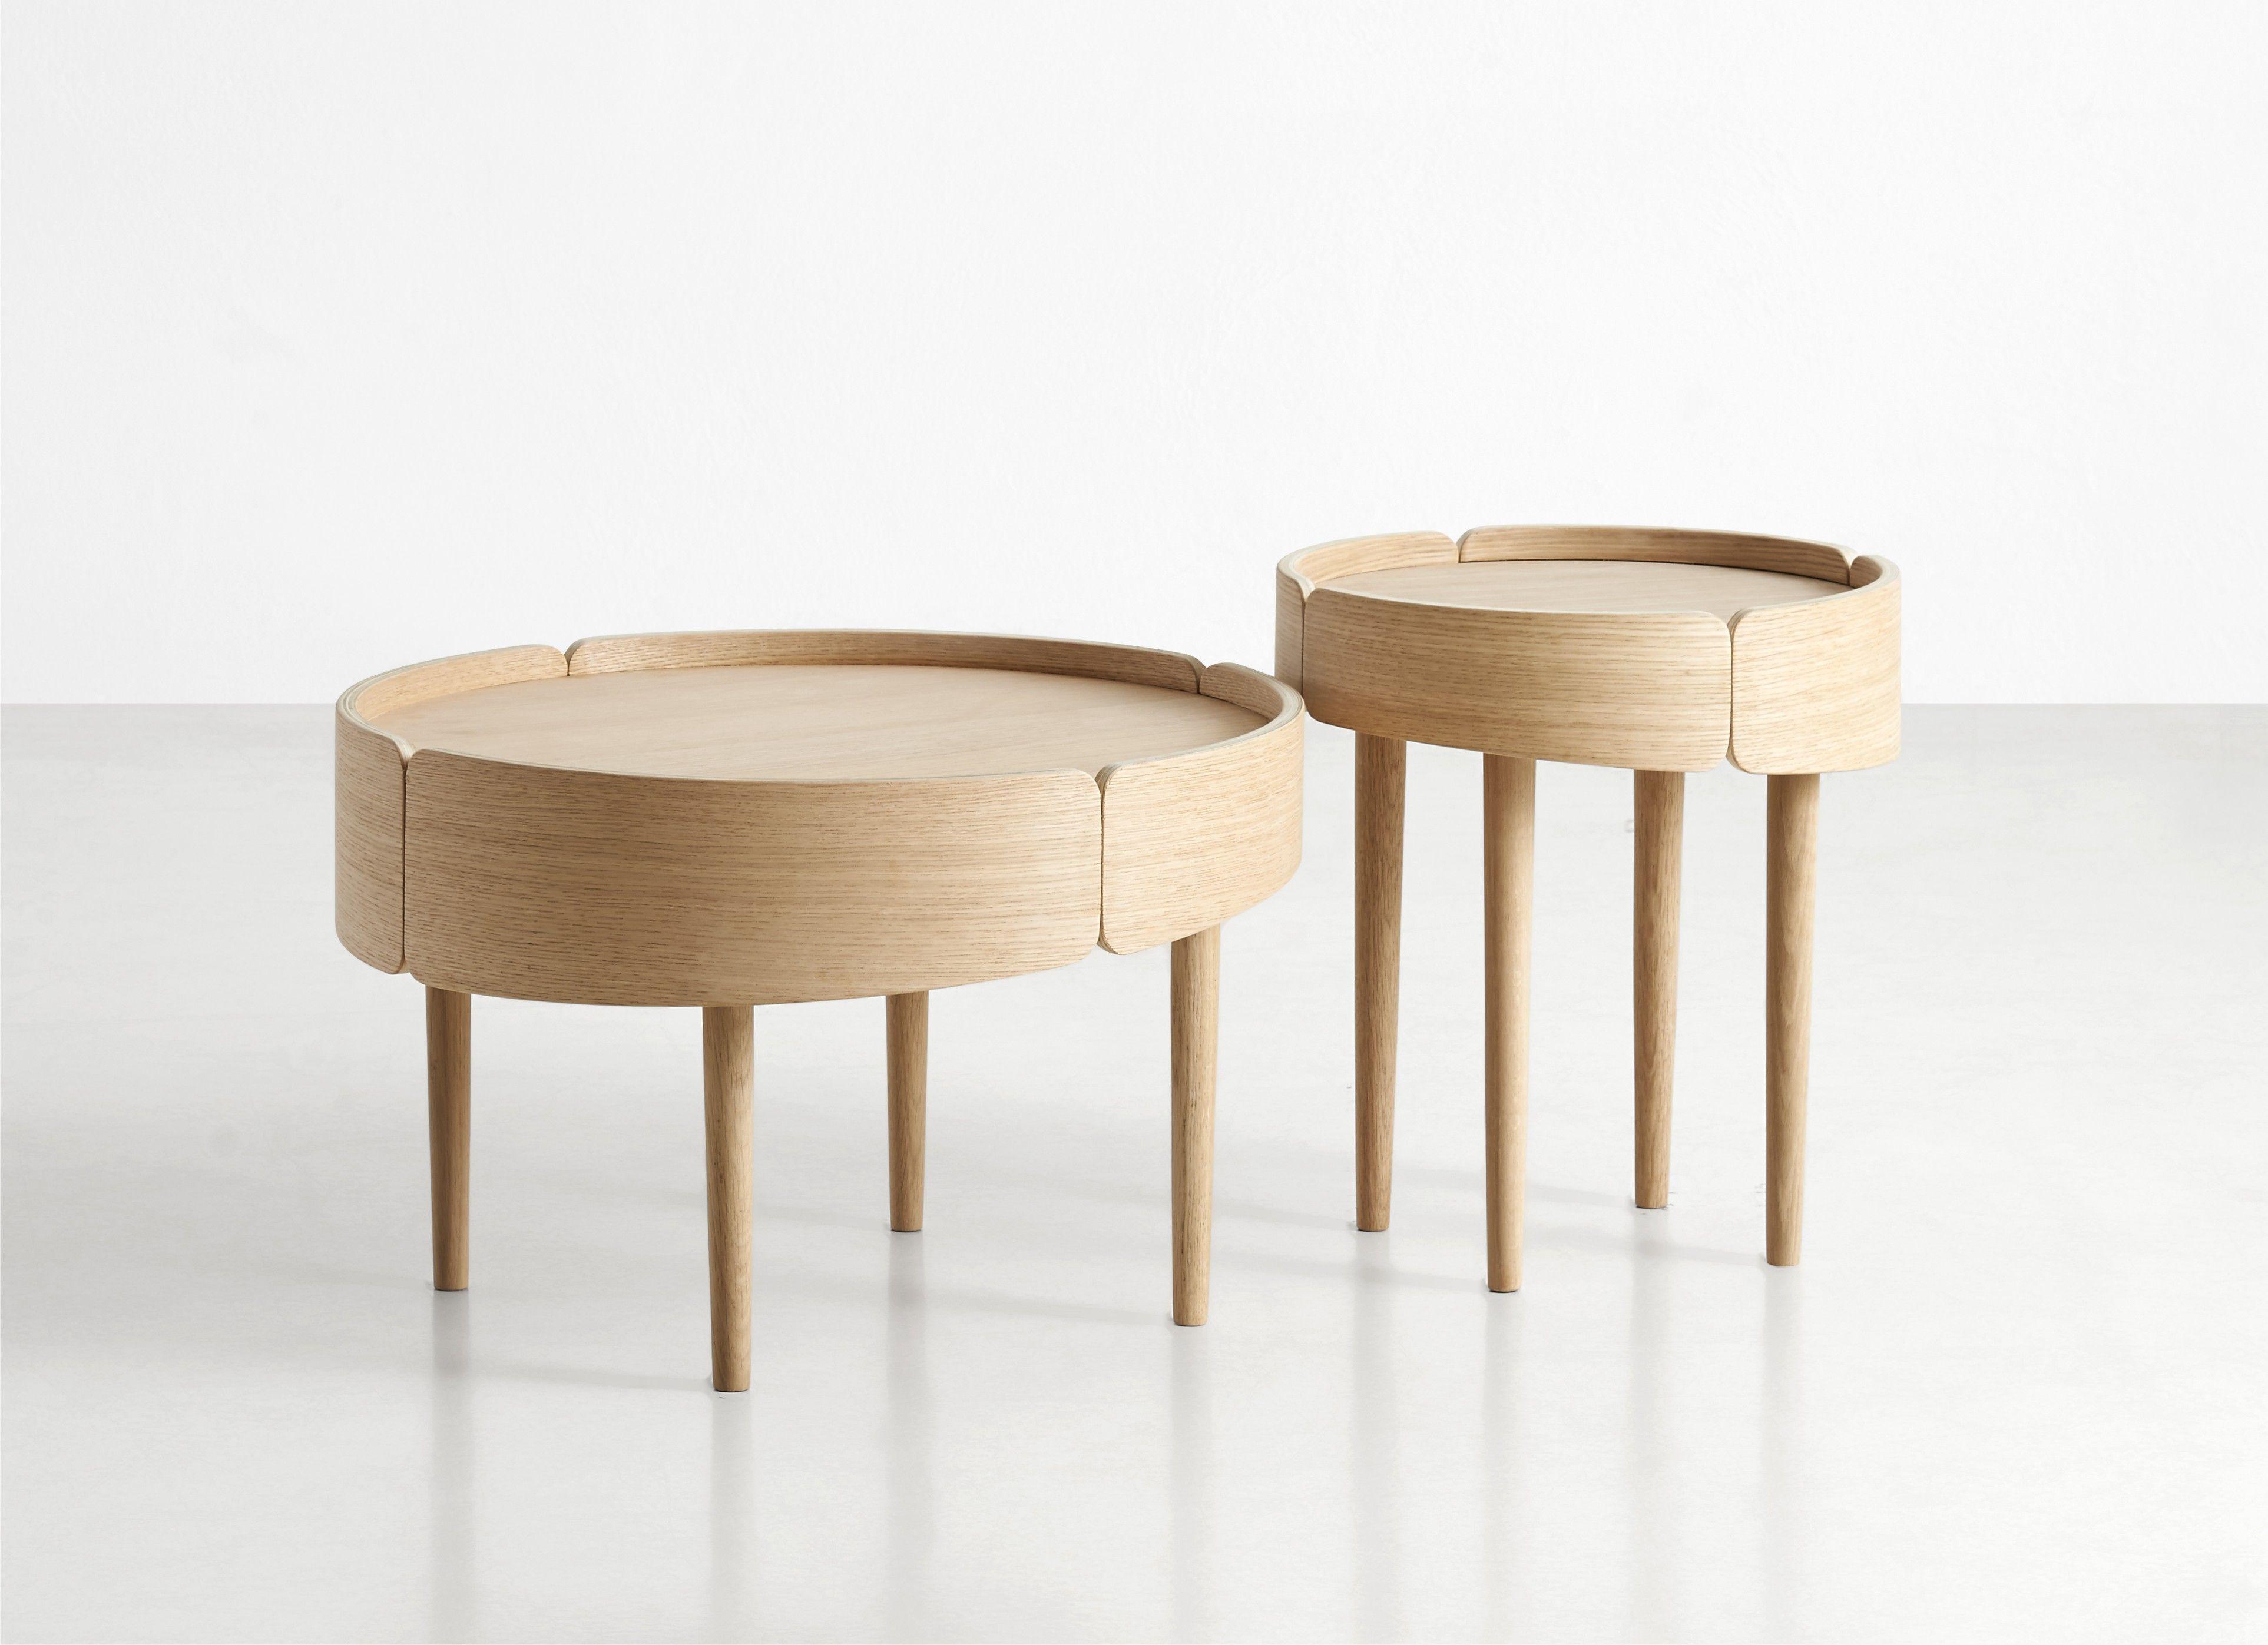 Skirt table by Mikko Laakkonen for Woud